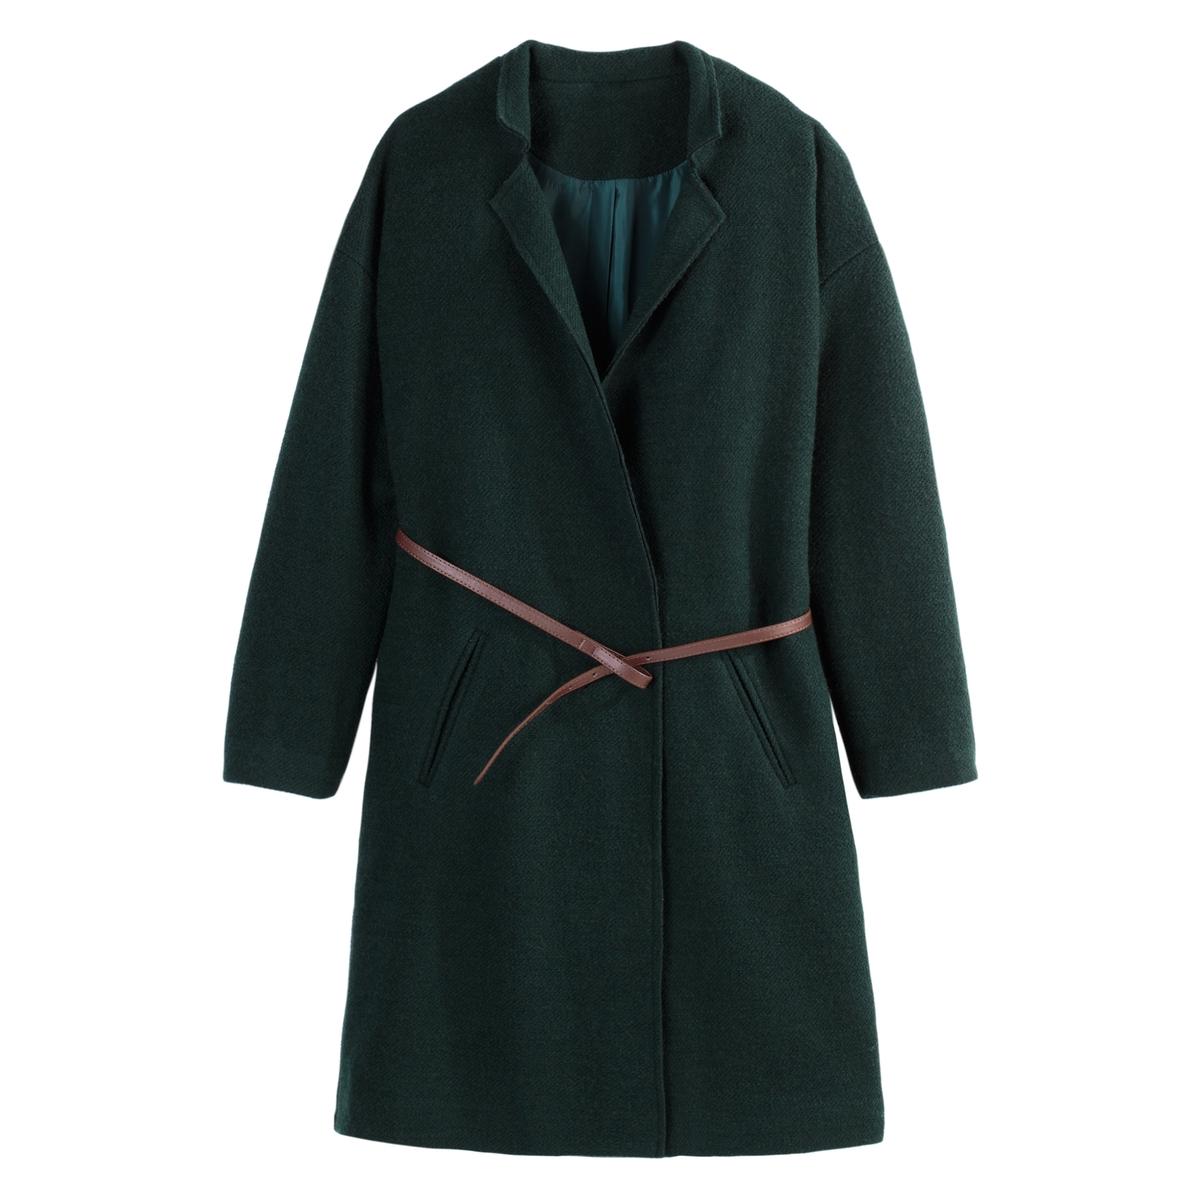 Abrigo con cinturón y corte recto, de mezcla de lana